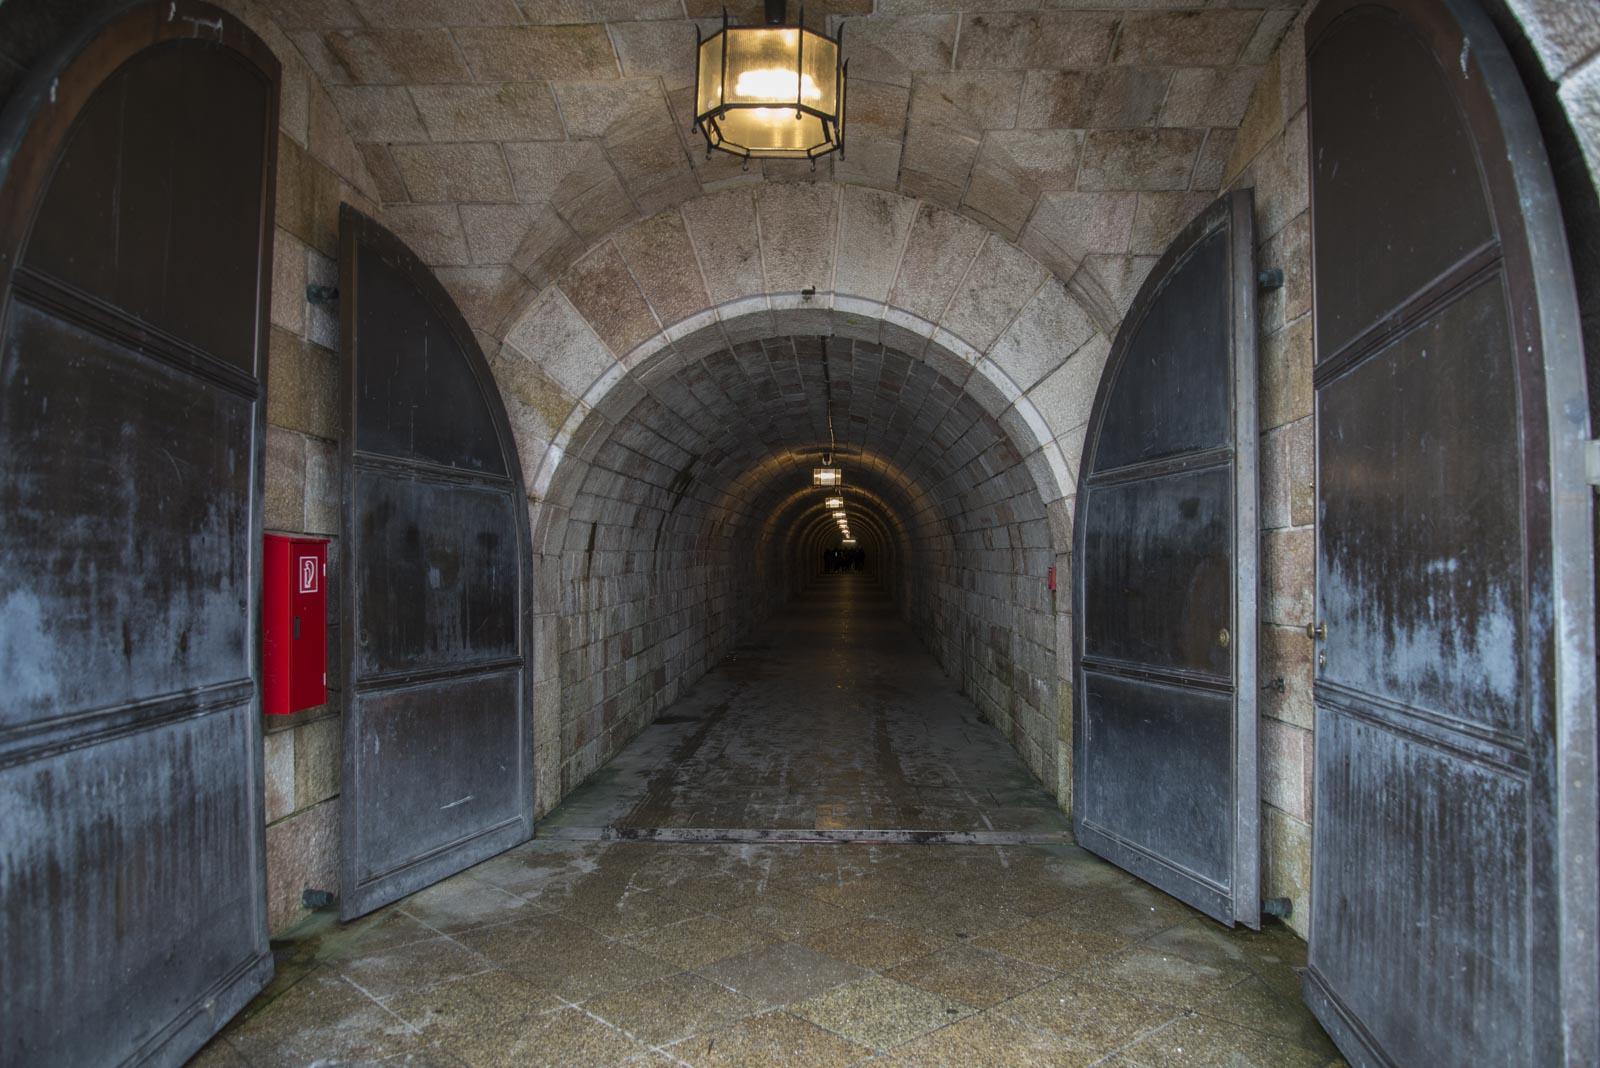 Tunnelen inn til heisen er beskyttet av en sluse med tunge jerndører.